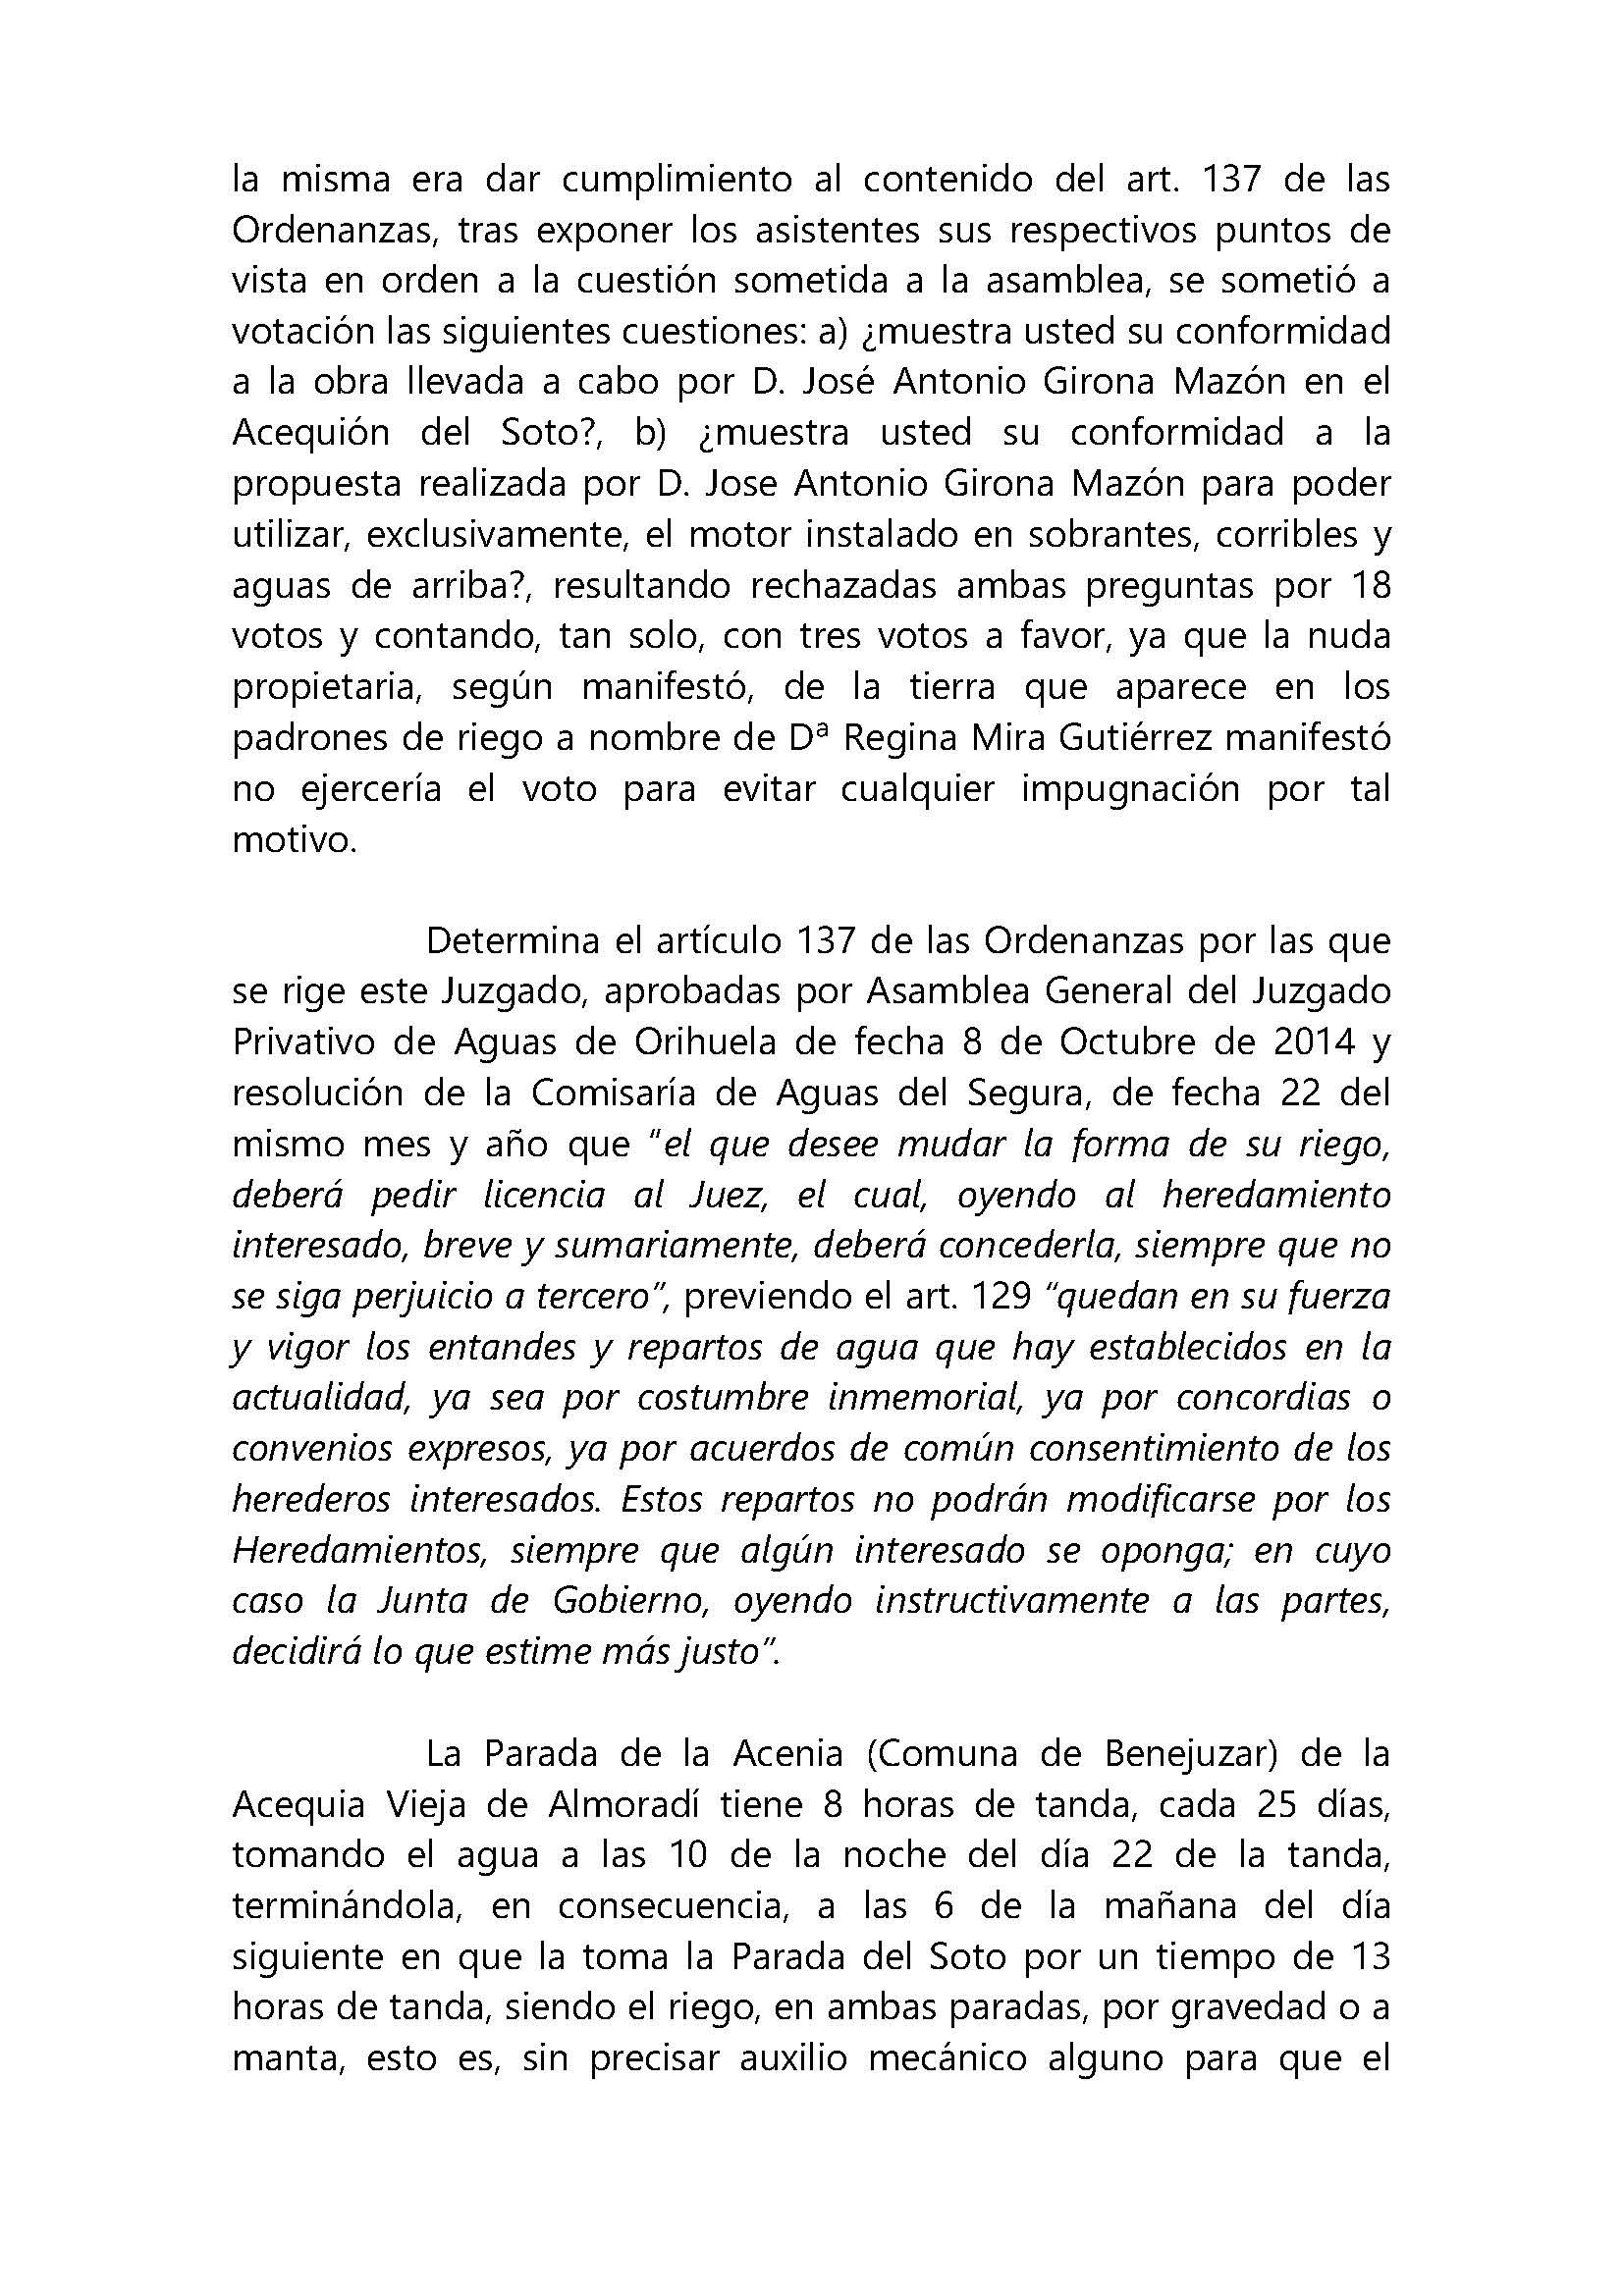 111 2015 ACEQUION DEL SOTO. ACUERDO JUNTA gobierto 111115_Página_06